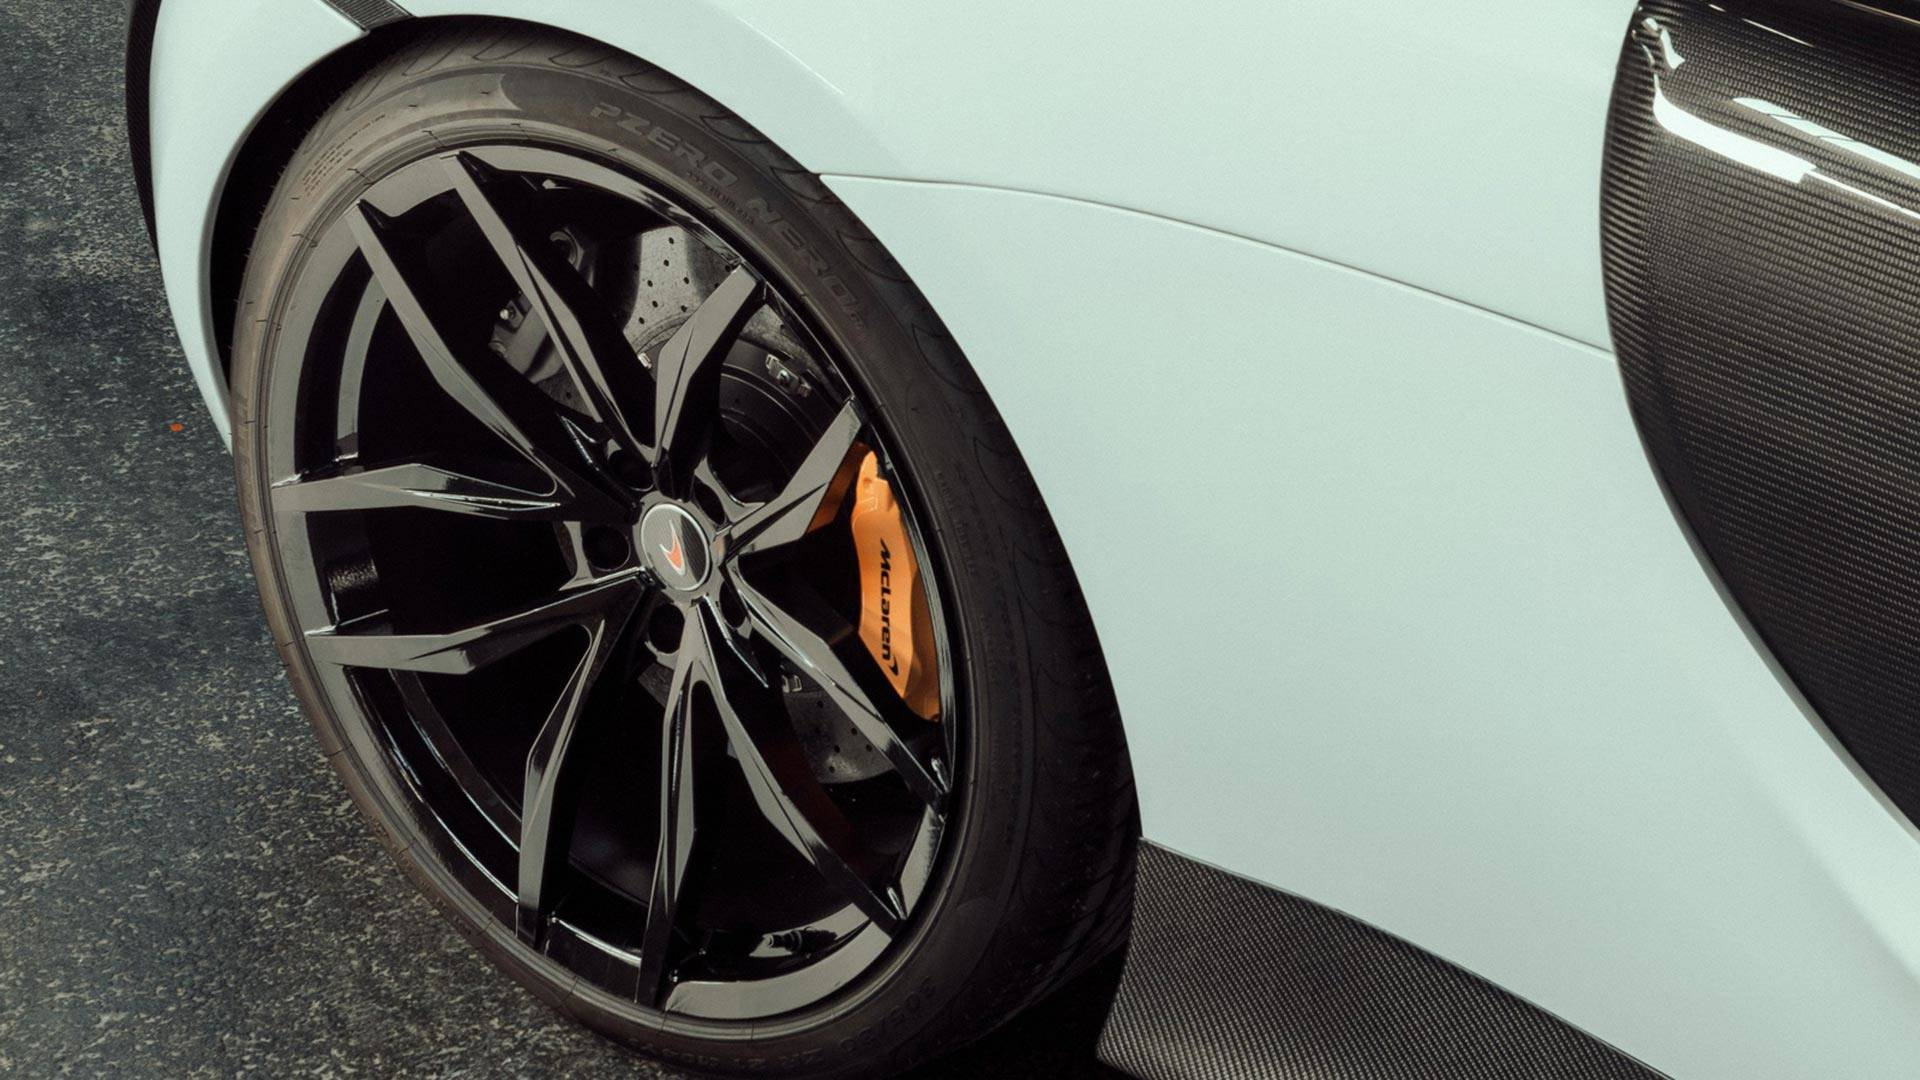 2018 NOVITEC McLaren 570S Spider Wheel Wallpaper (13)